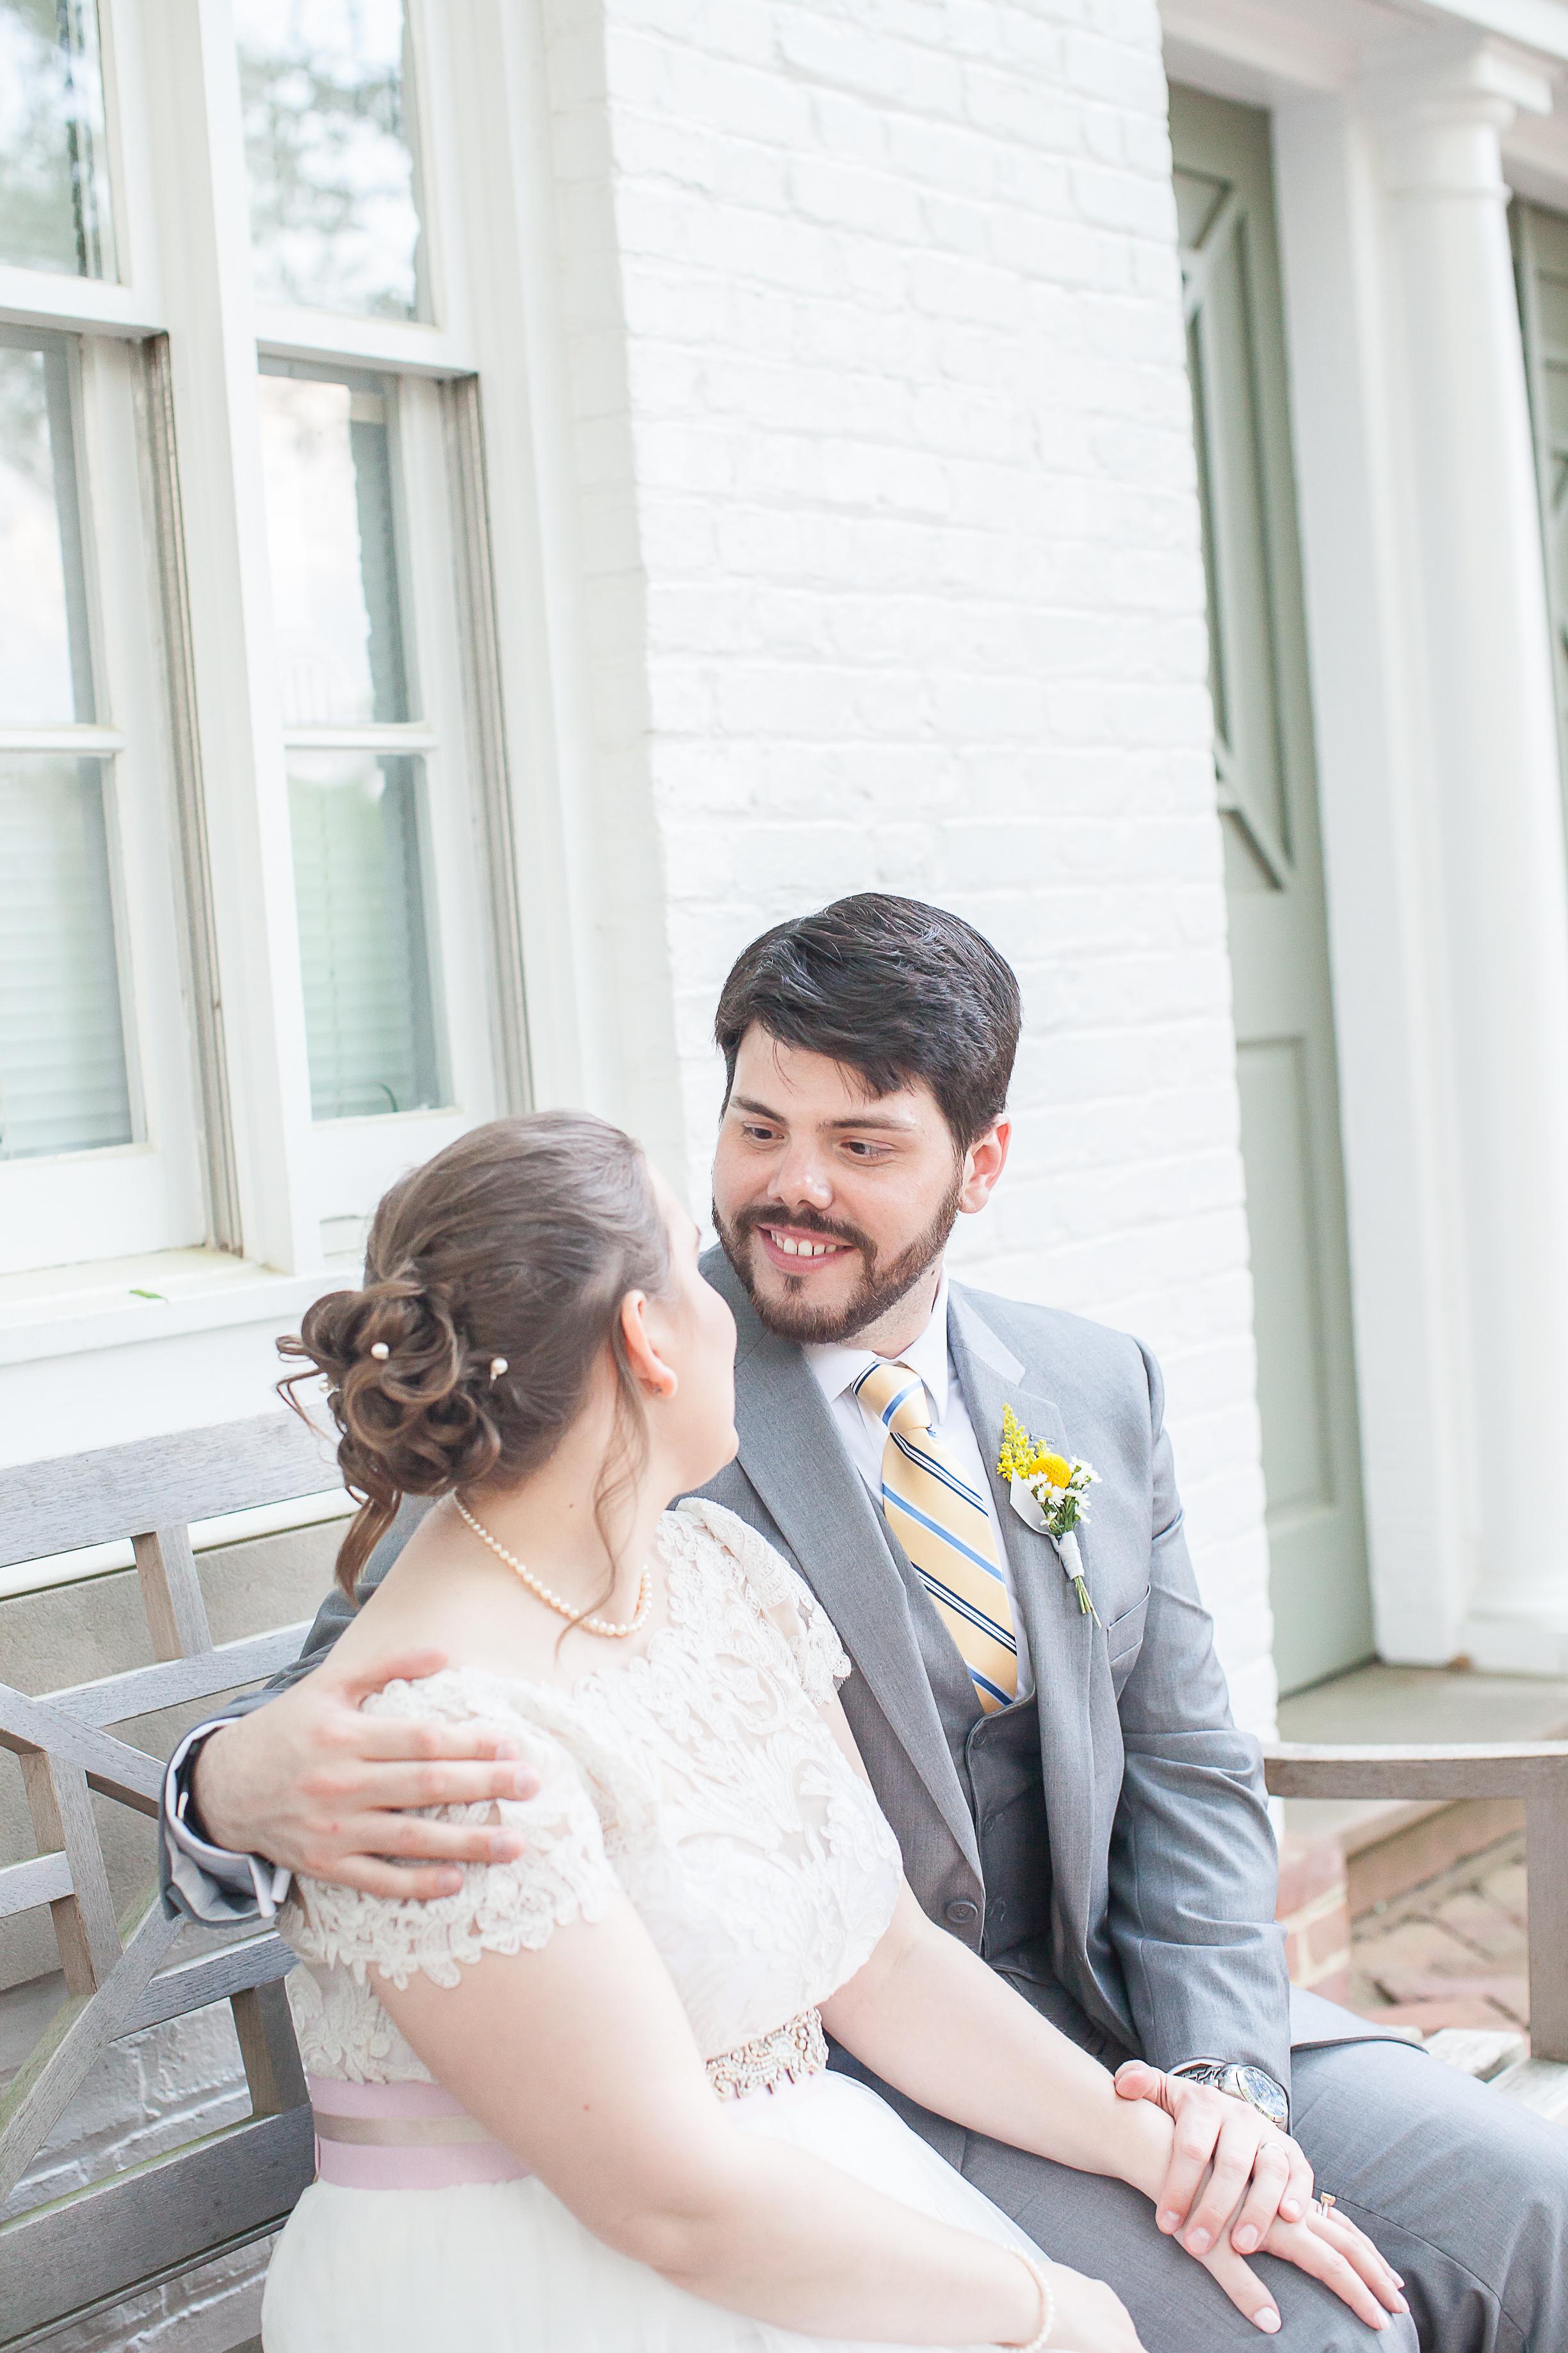 K-S-Wedding-Kim-Pham-Clark-Photography-315.jpg